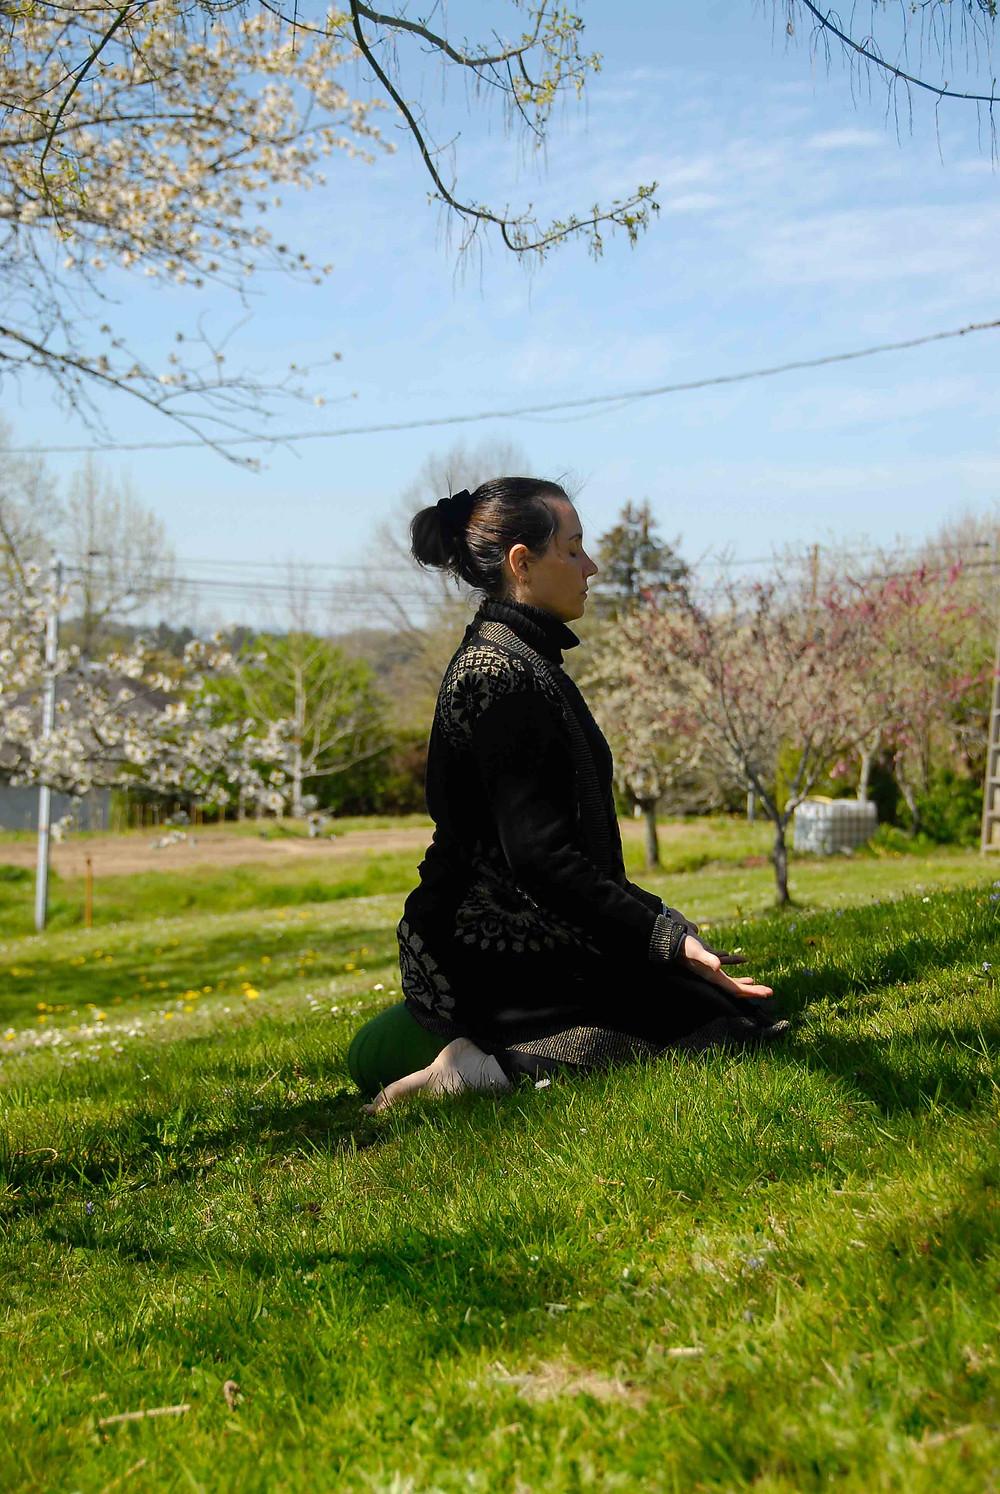 Femme méditant dans un champs